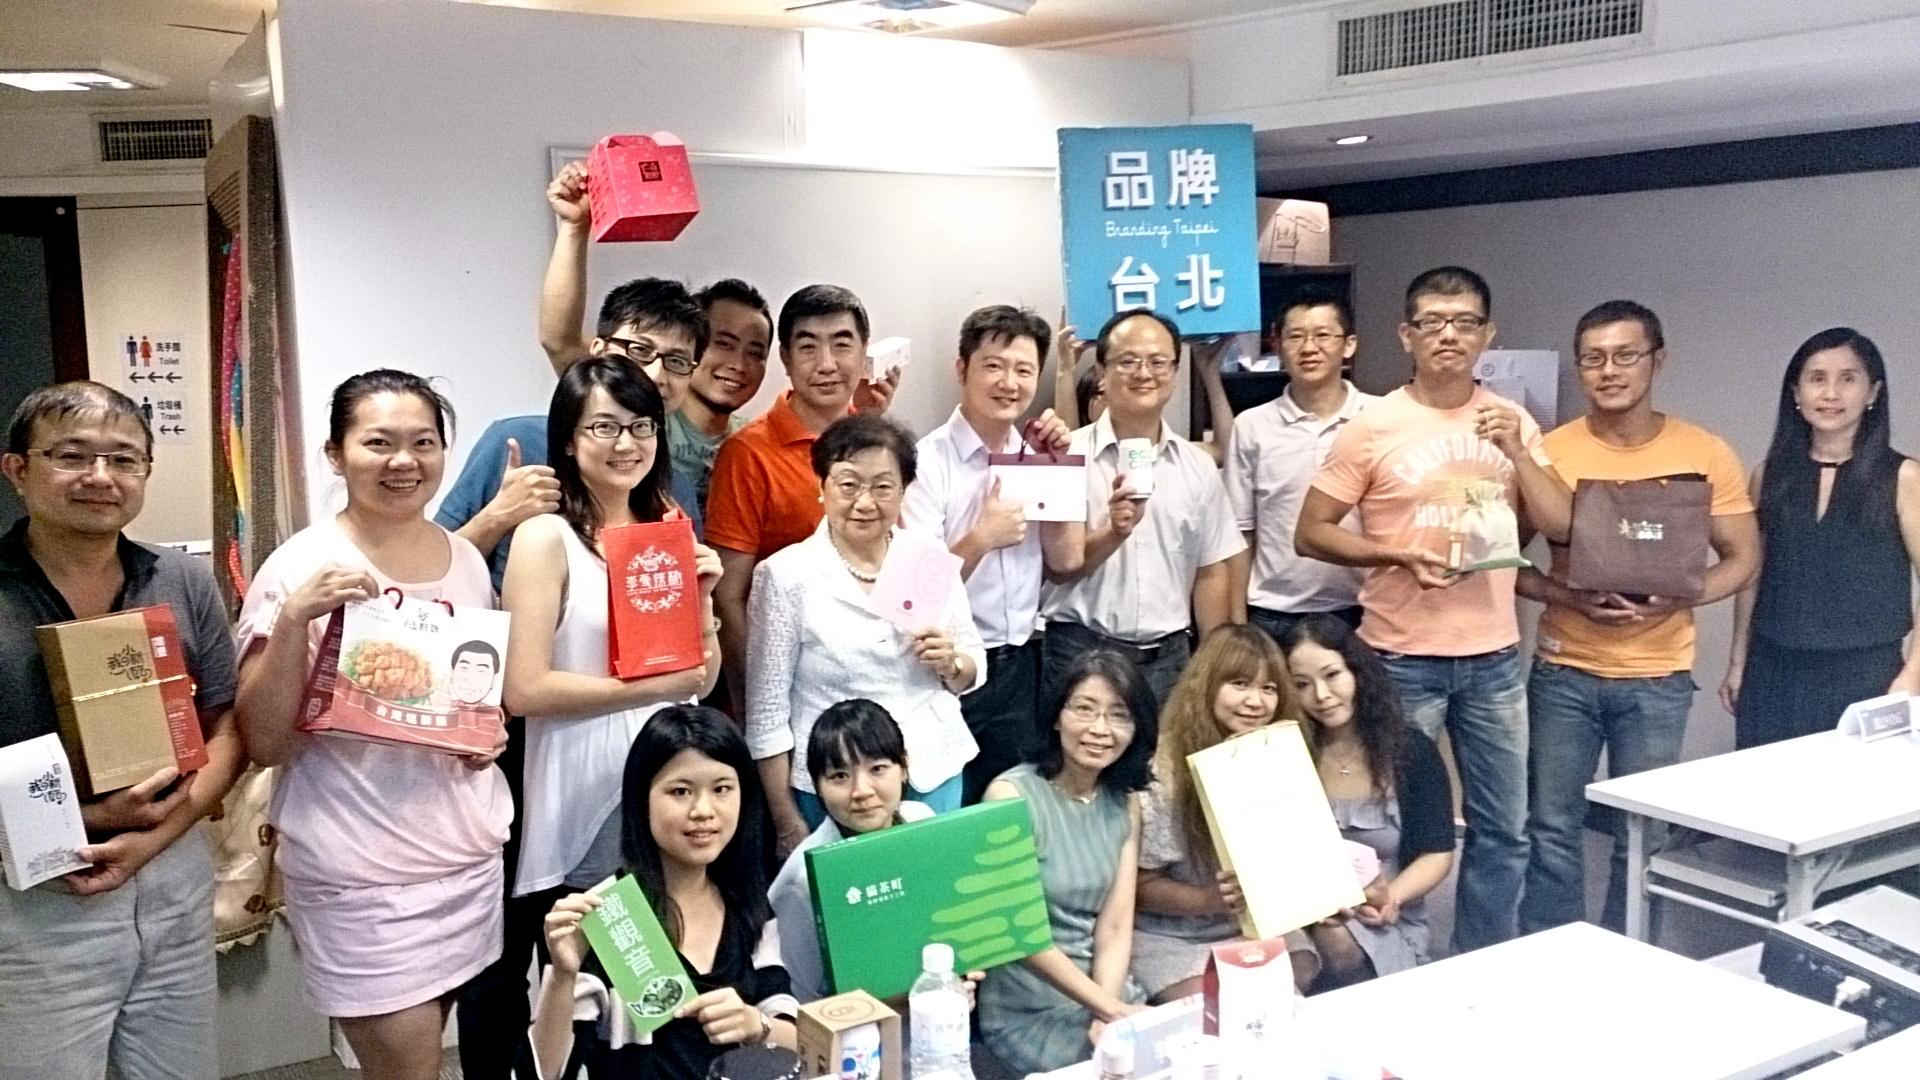 2013品牌台北入選廠商於品牌三部曲課程結束合影留念